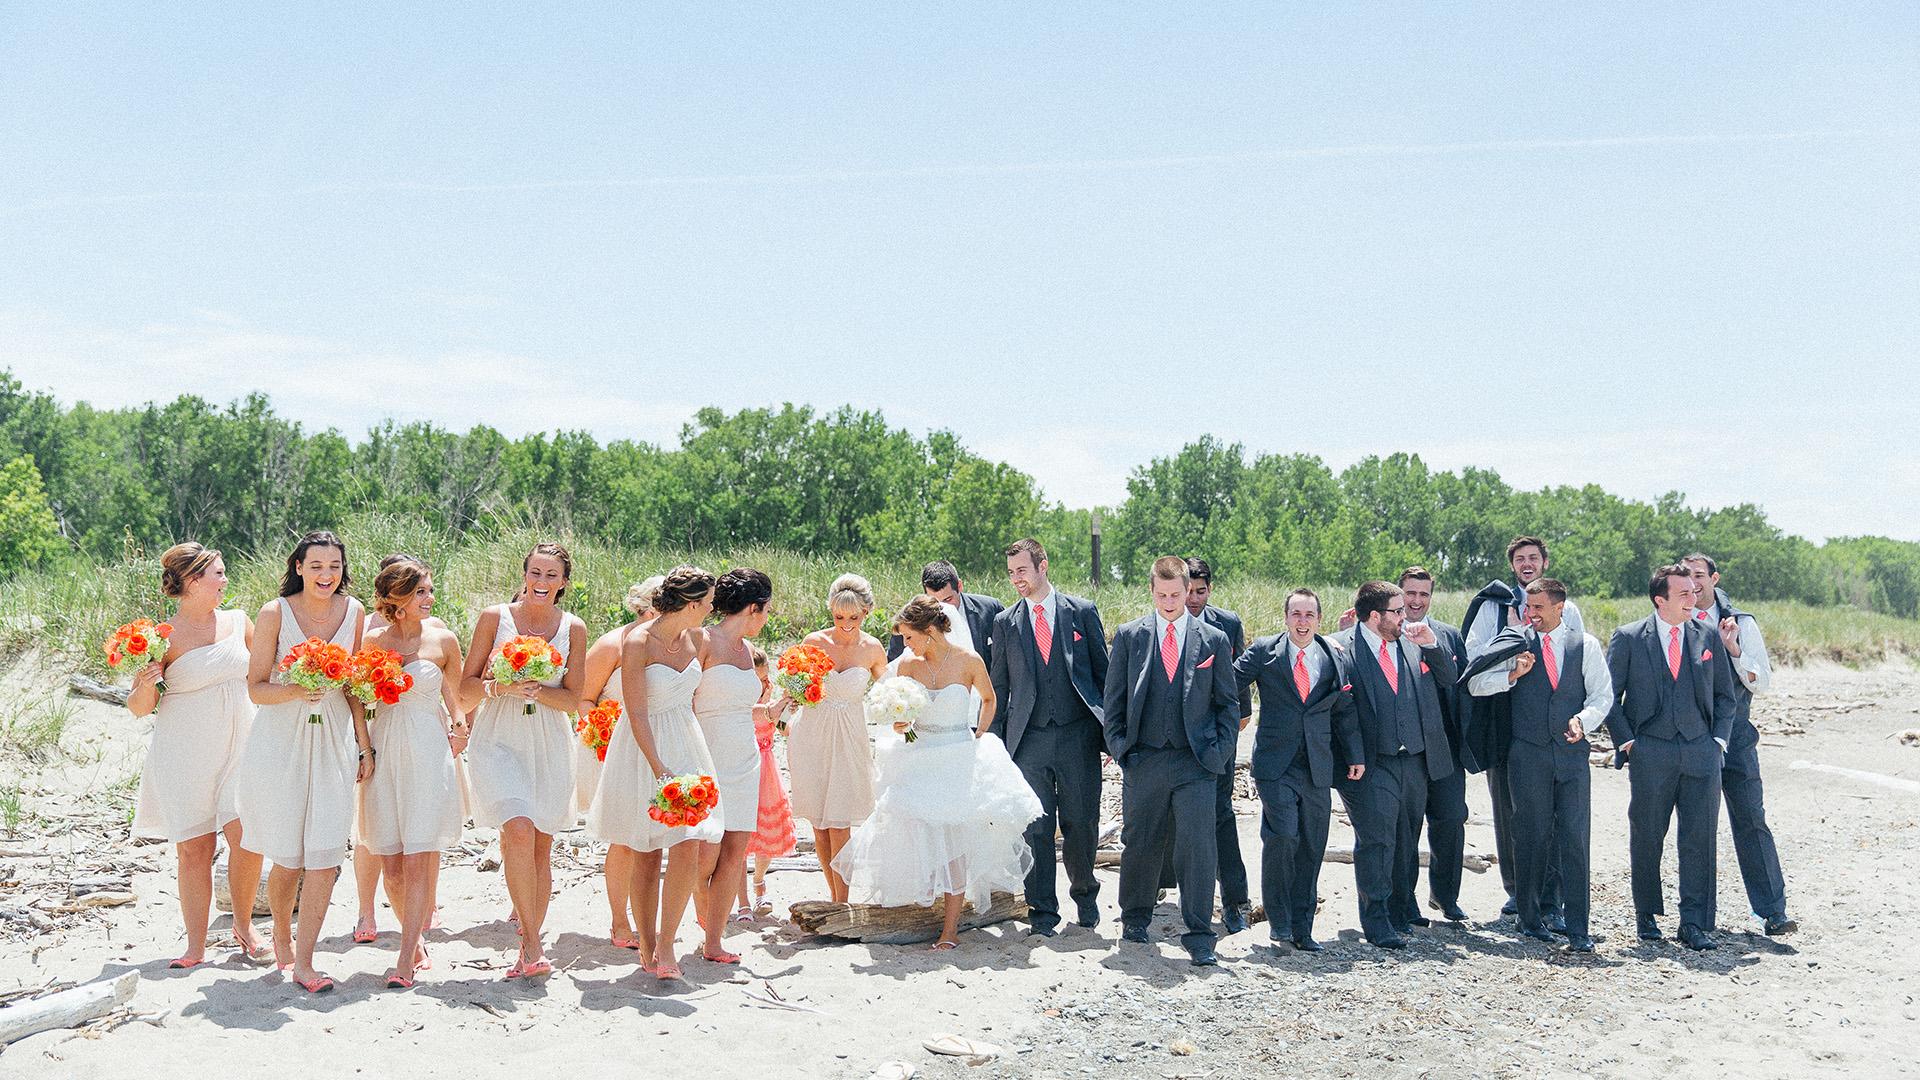 Amasa Stone Chapel Cleveland Wedding Photographer 21.jpg